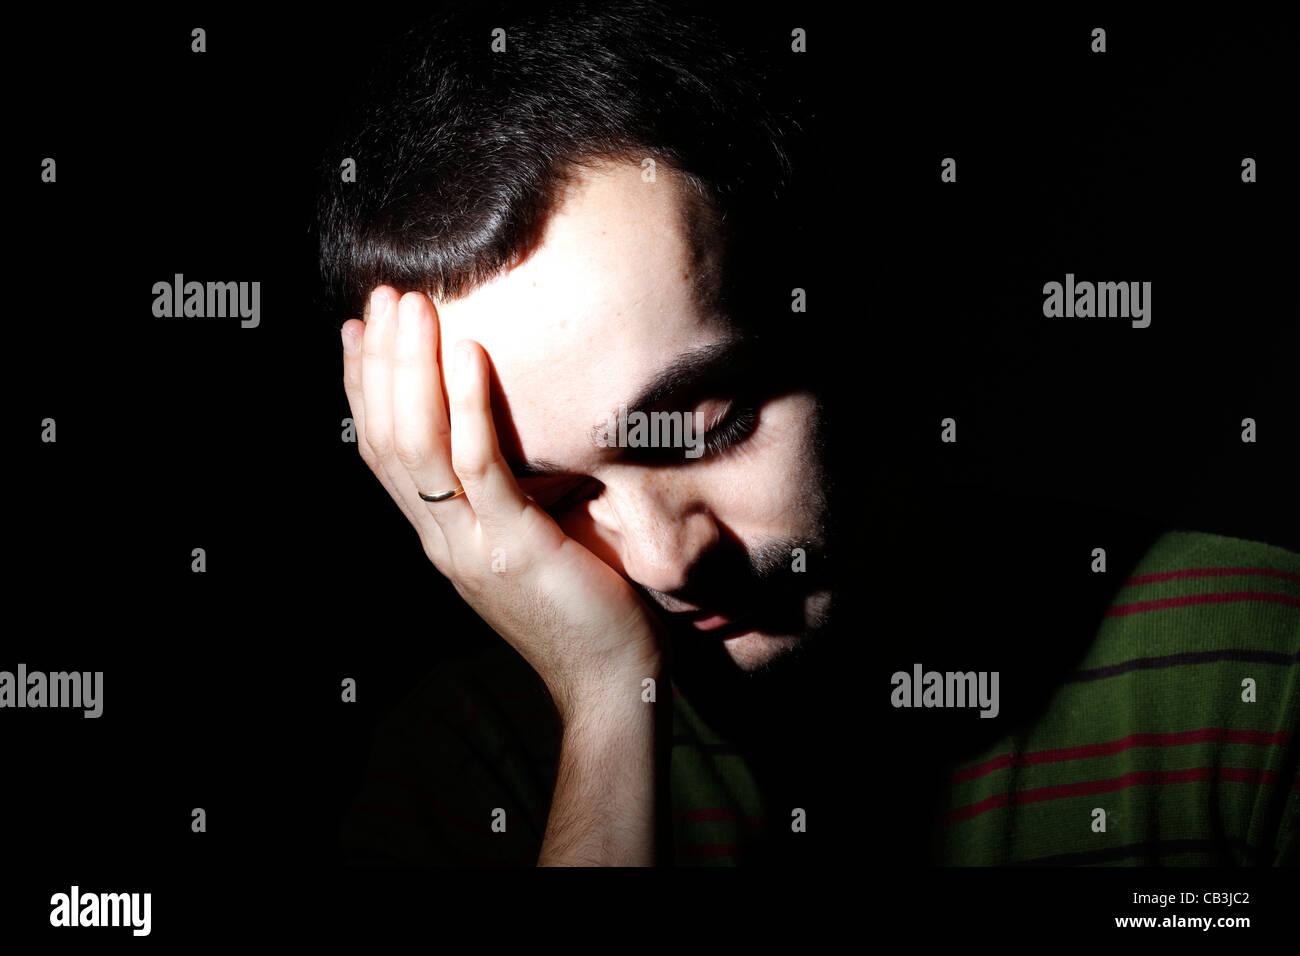 Portrait d'un jeune homme, isolé sur fond noir Photo Stock